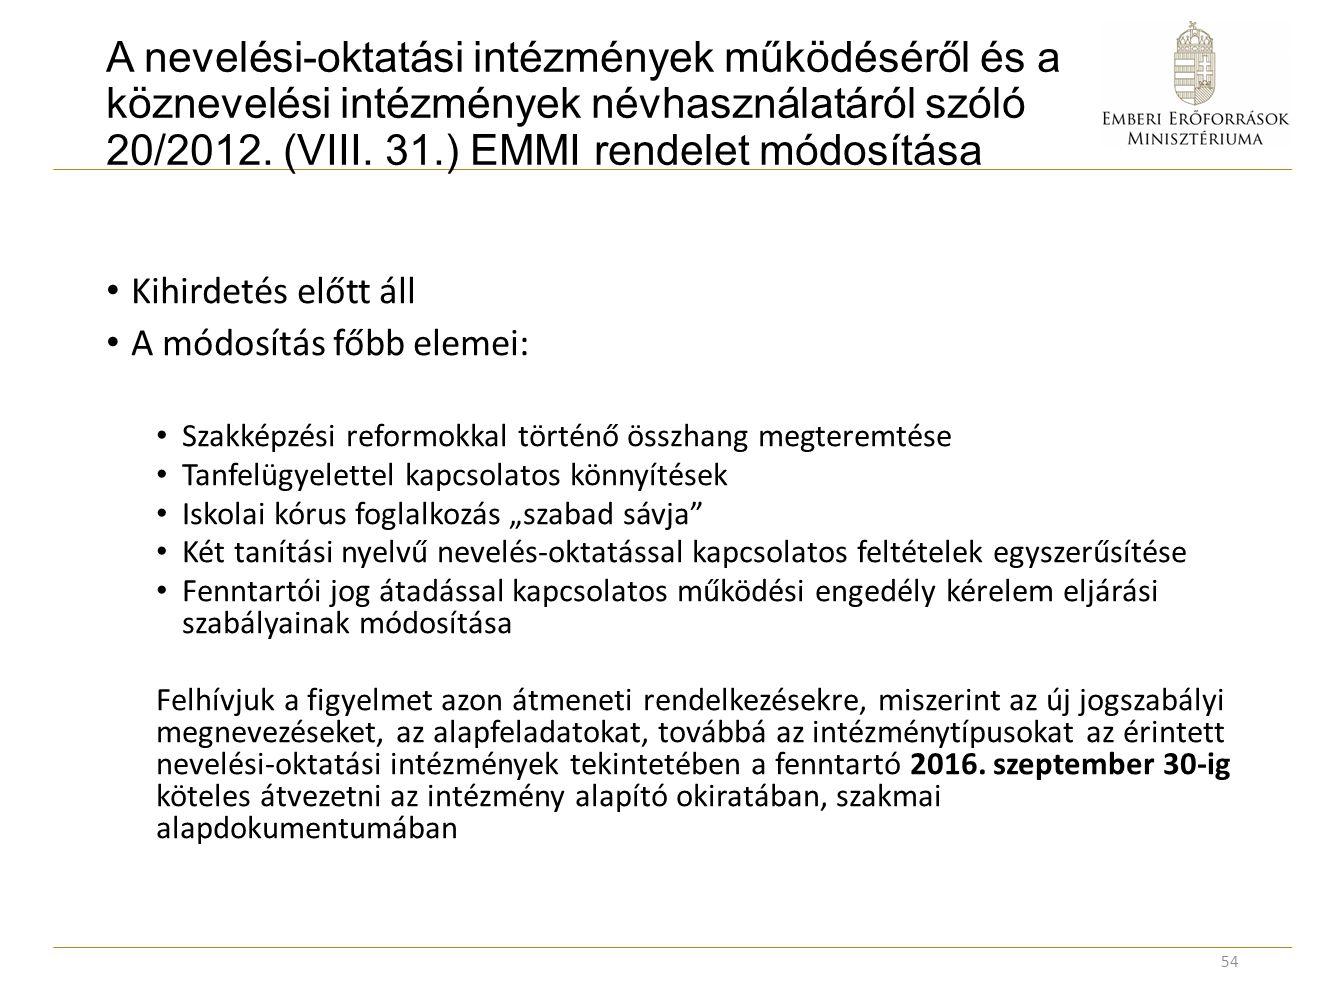 A nevelési-oktatási intézmények működéséről és a köznevelési intézmények névhasználatáról szóló 20/2012. (VIII. 31.) EMMI rendelet módosítása